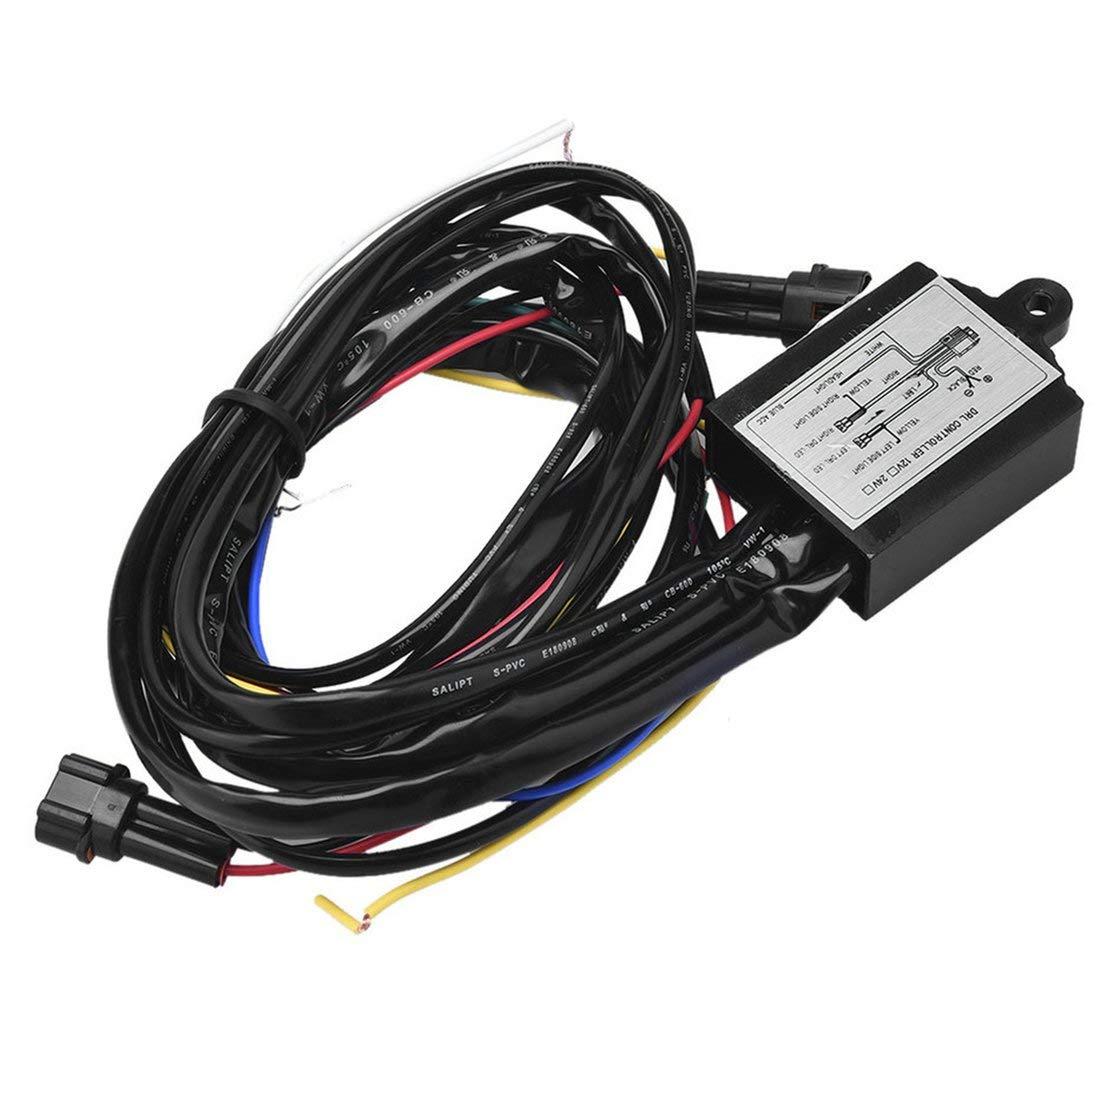 BlackPJenny Controller luci di Marcia diurne a LED Multifunzione con Controllo di Marcia diurno